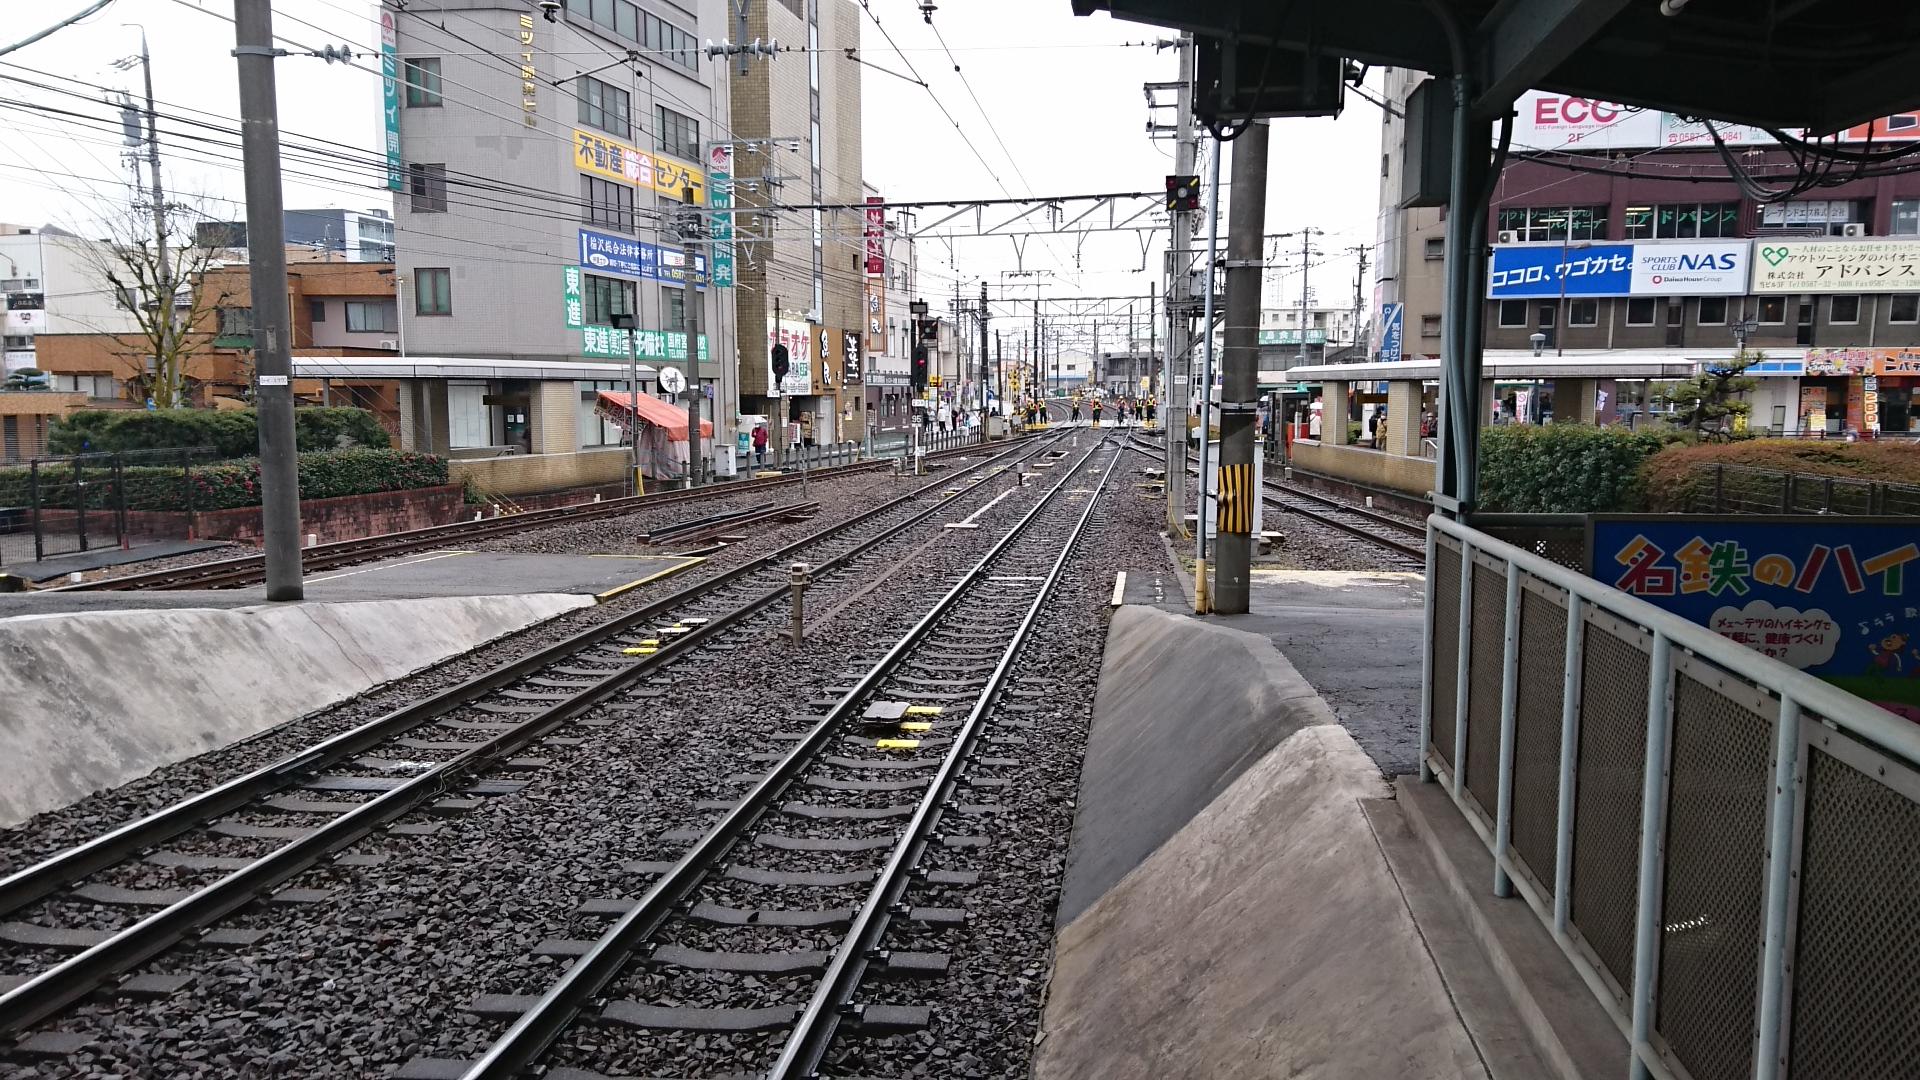 2017.2.9 国府宮 (8) 国府宮みなみふみきり 1920-1080